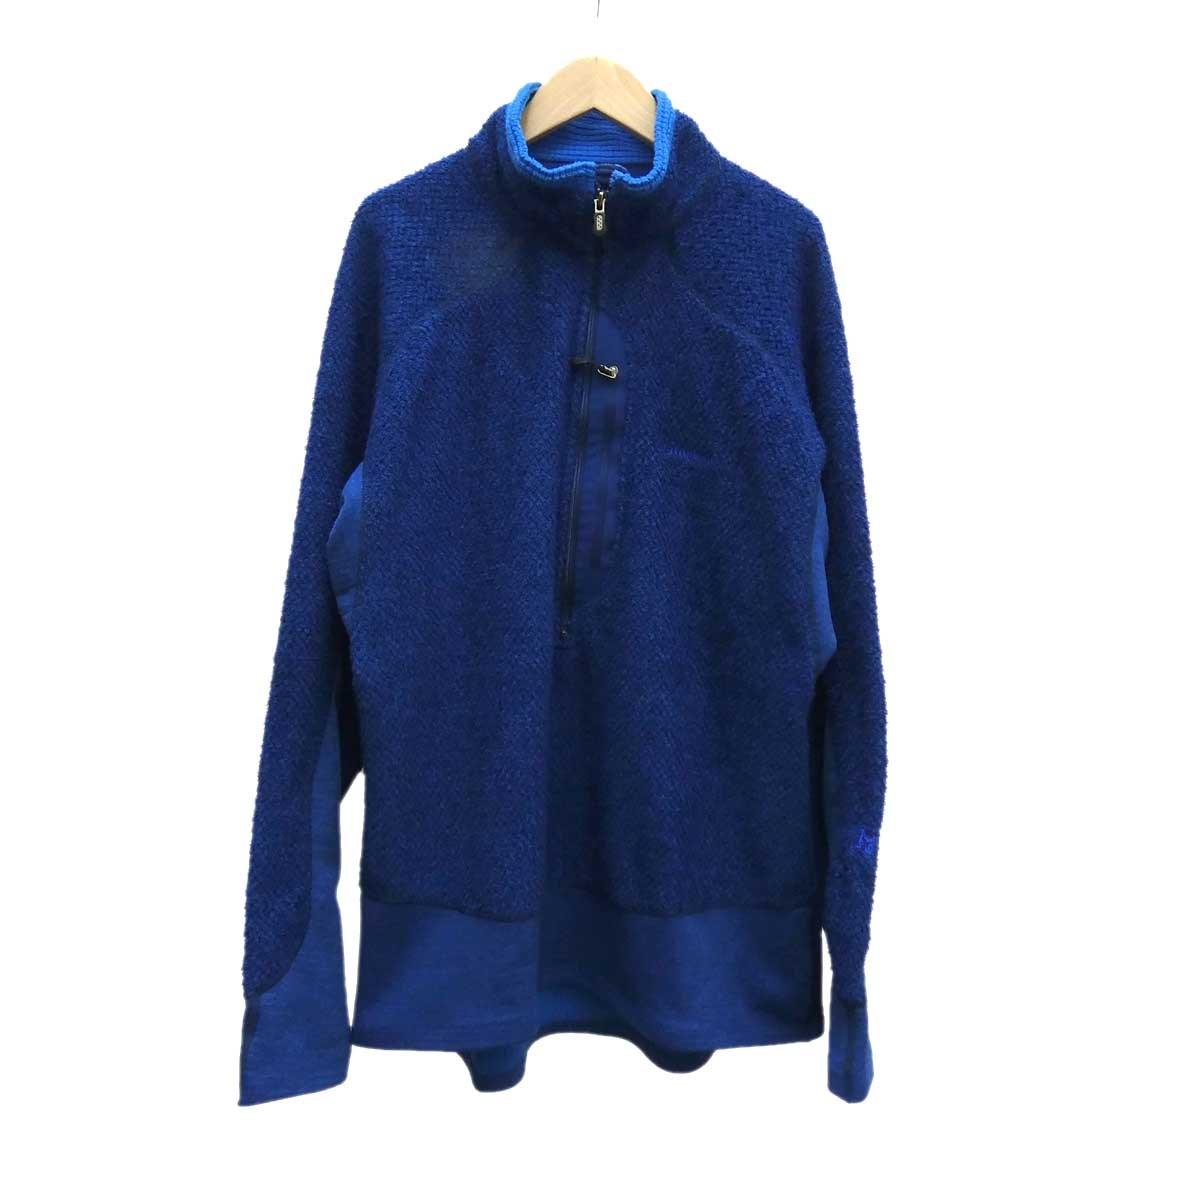 【中古】patagonia R1 フラッシュプルオーバー ブルー サイズ:L 【210820】(パタゴニア)